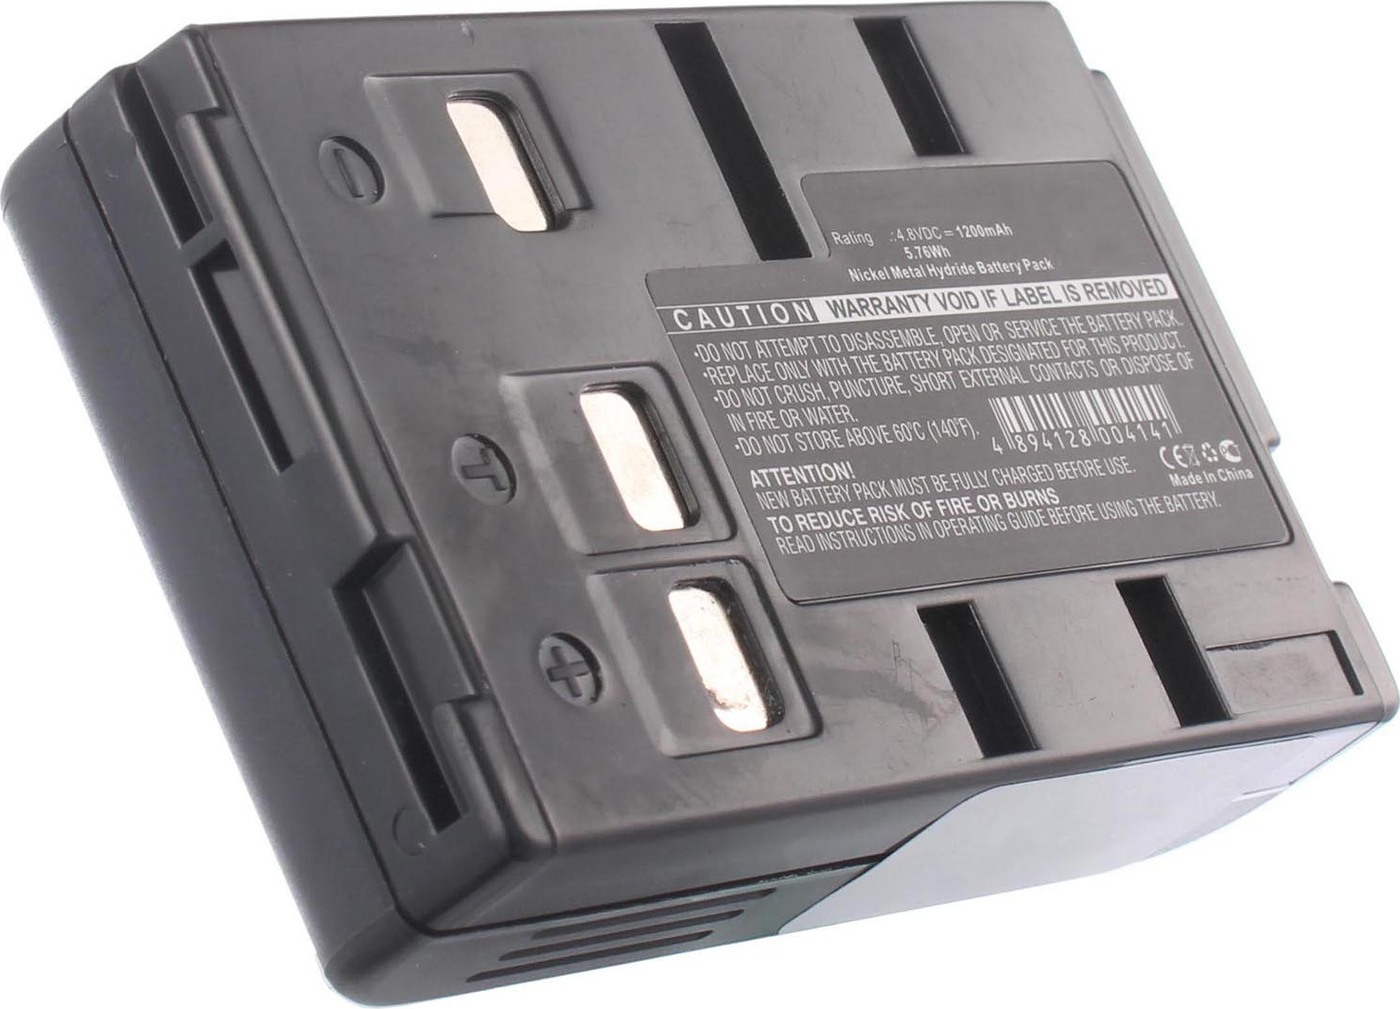 Аккумуляторная батарея iBatt iB-T1-F369 1200mAh для камер Panasonic NV-VX10, NV-VX10EN, NV-A3, NV-RX10EN, NV-R550EN, NV-A1, NV-R100, NV-R50, NV-A1EN, NV-S65E, NV-A5EN, NV-R200, NV-R500EN, NV-RX20EN, NV-A5, NV-R100EN, NV-R500, NV-RX1, NV-RX10,